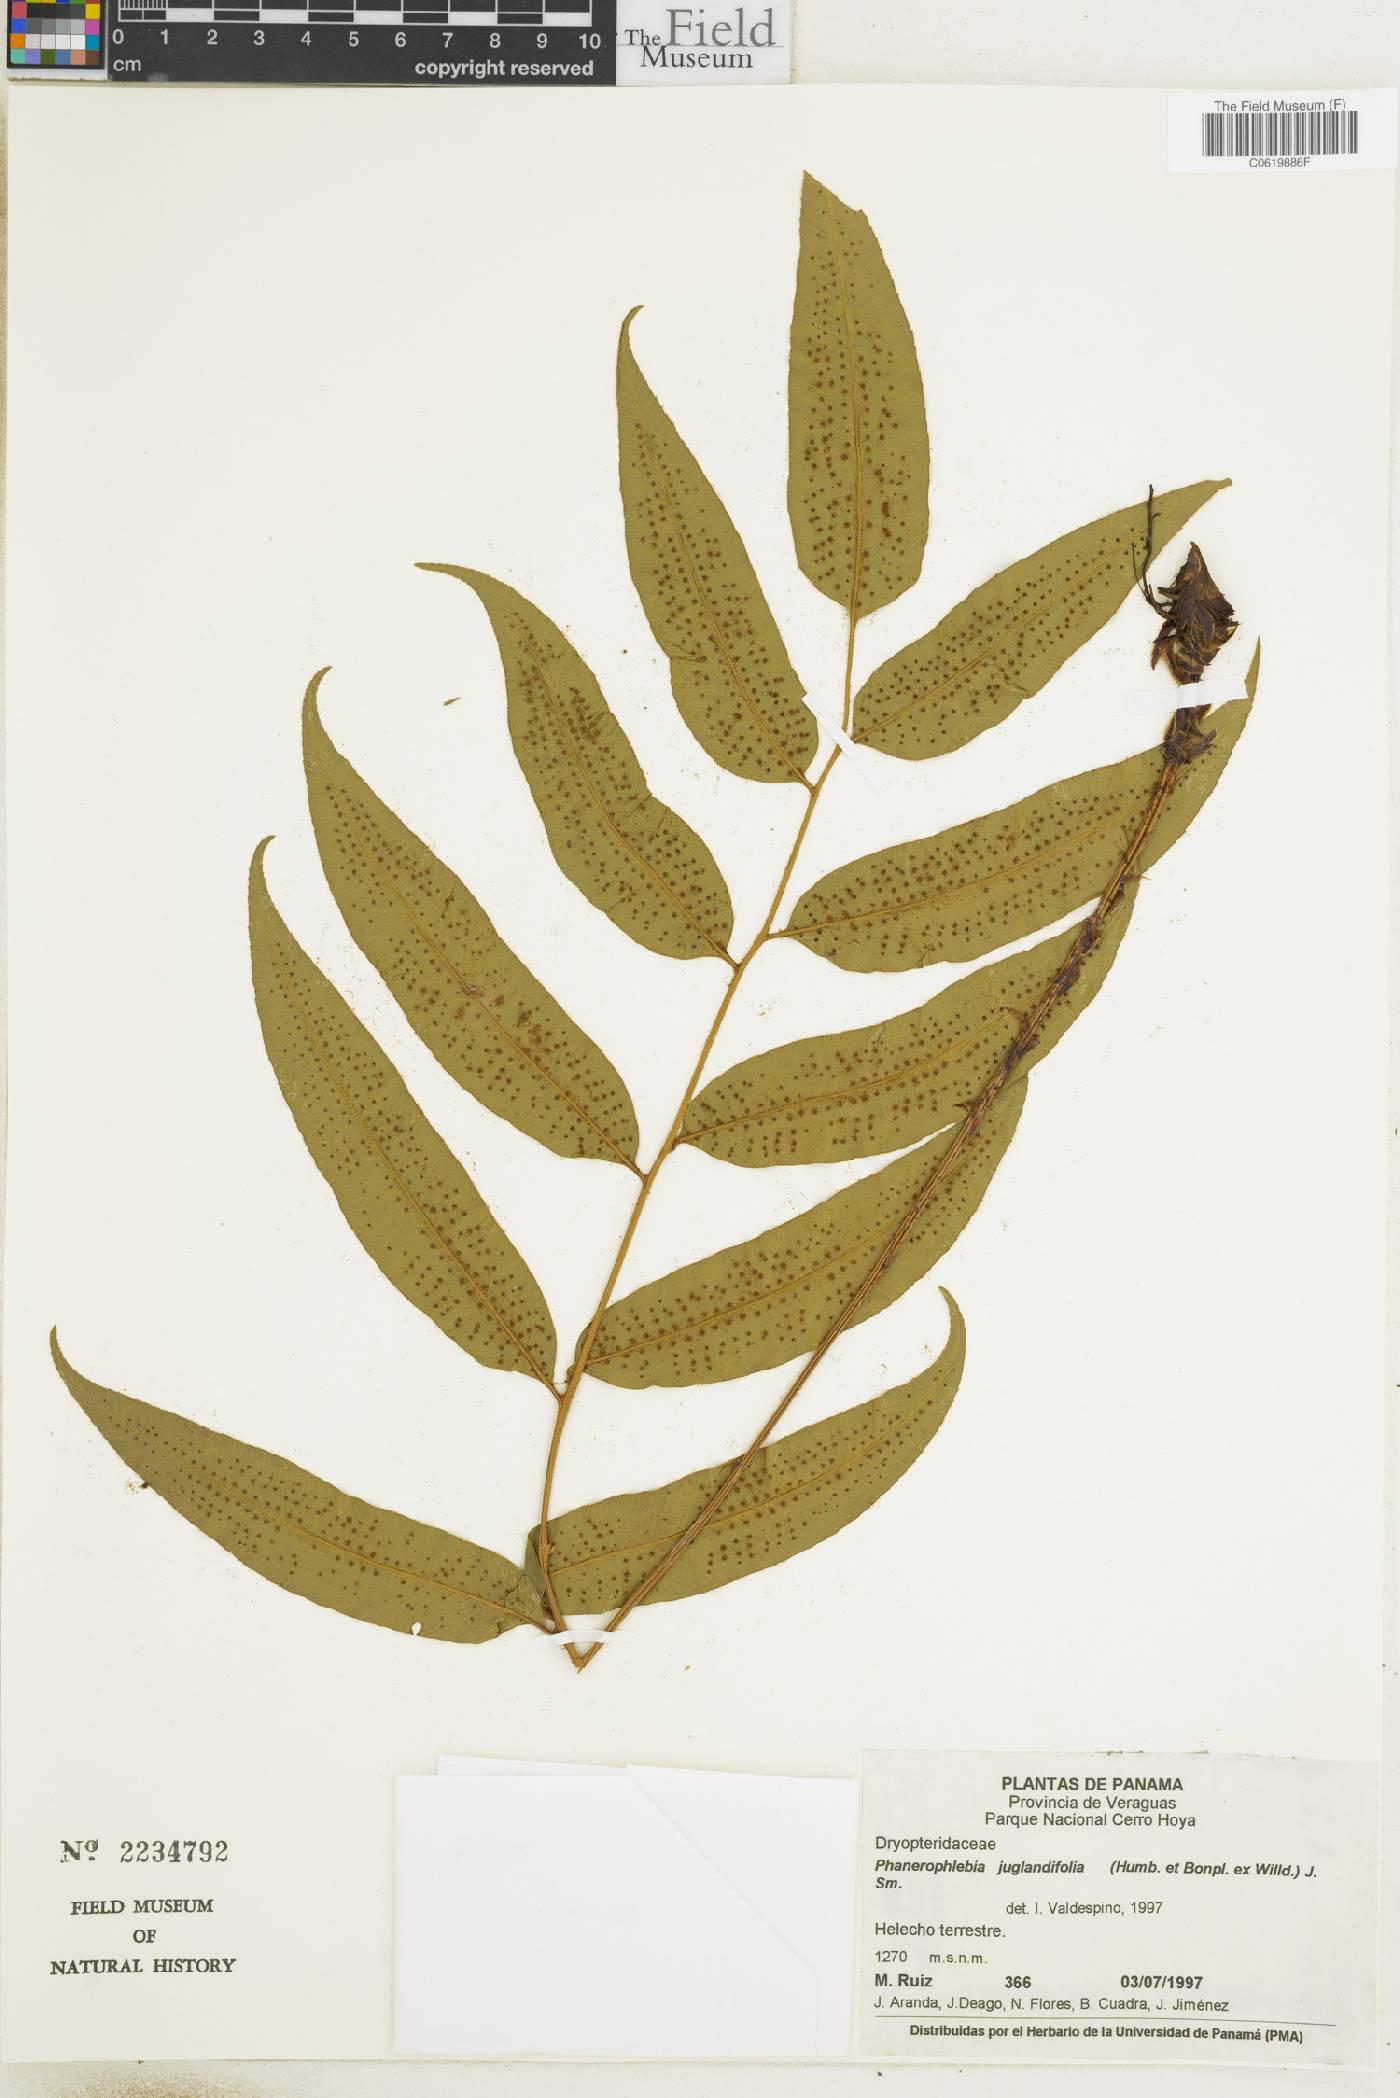 Cyrtomium juglandifolium image